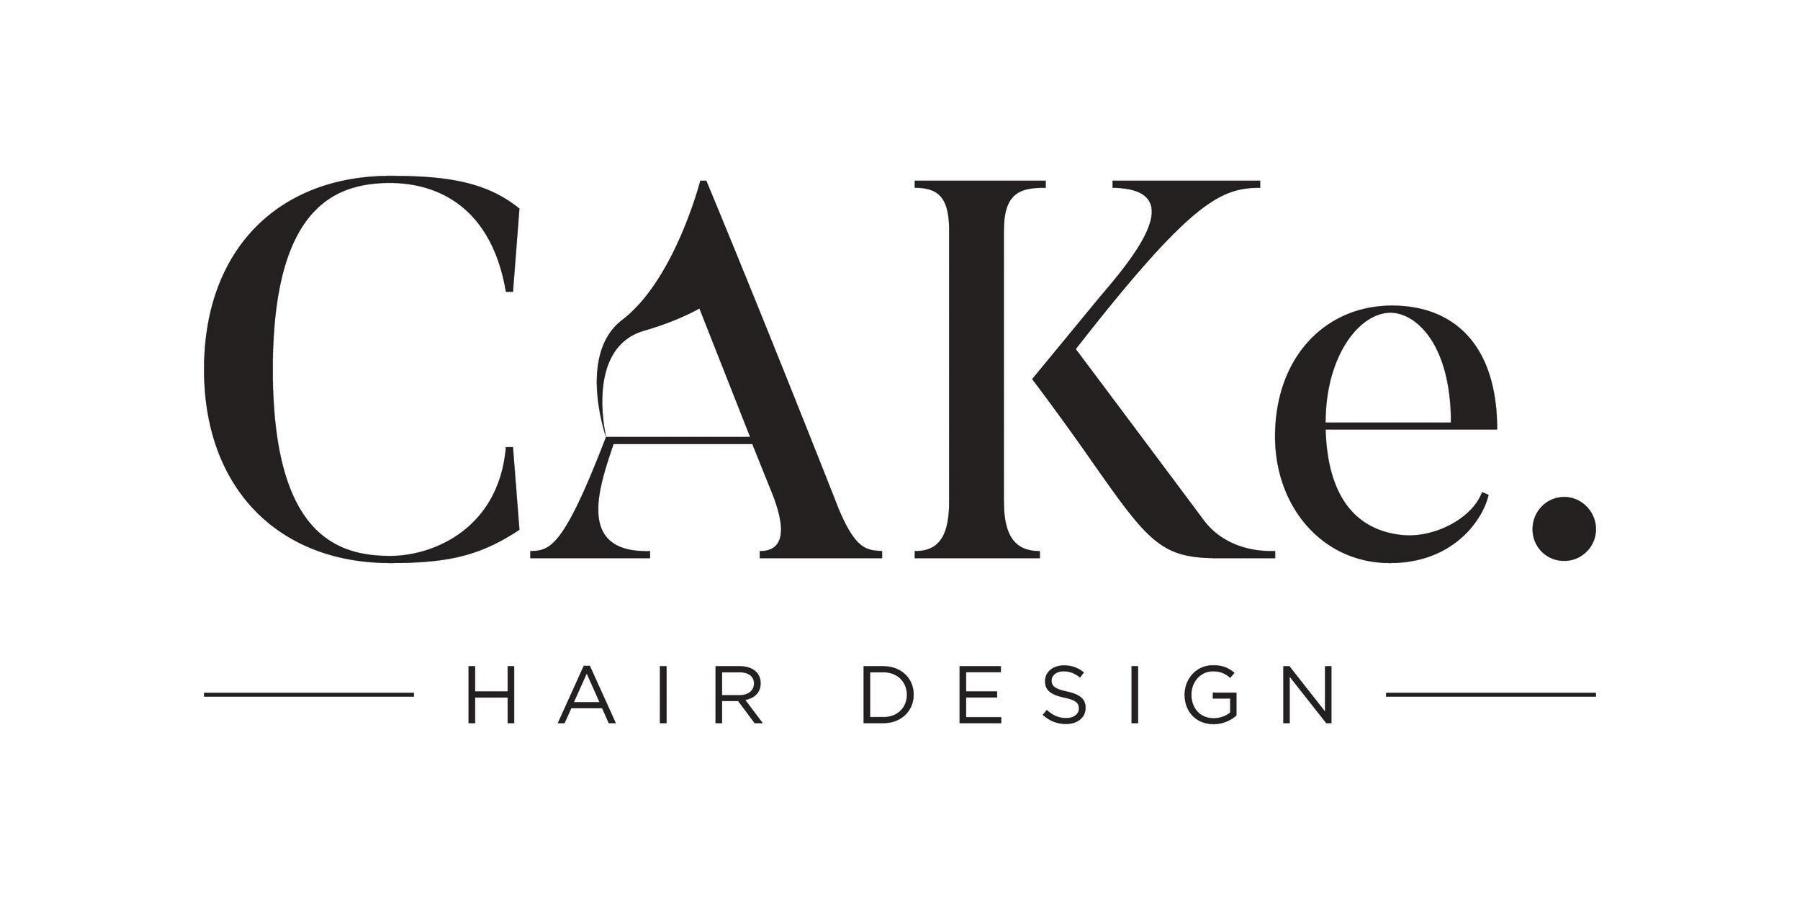 Cake Hair Design - Logo Design for Salon